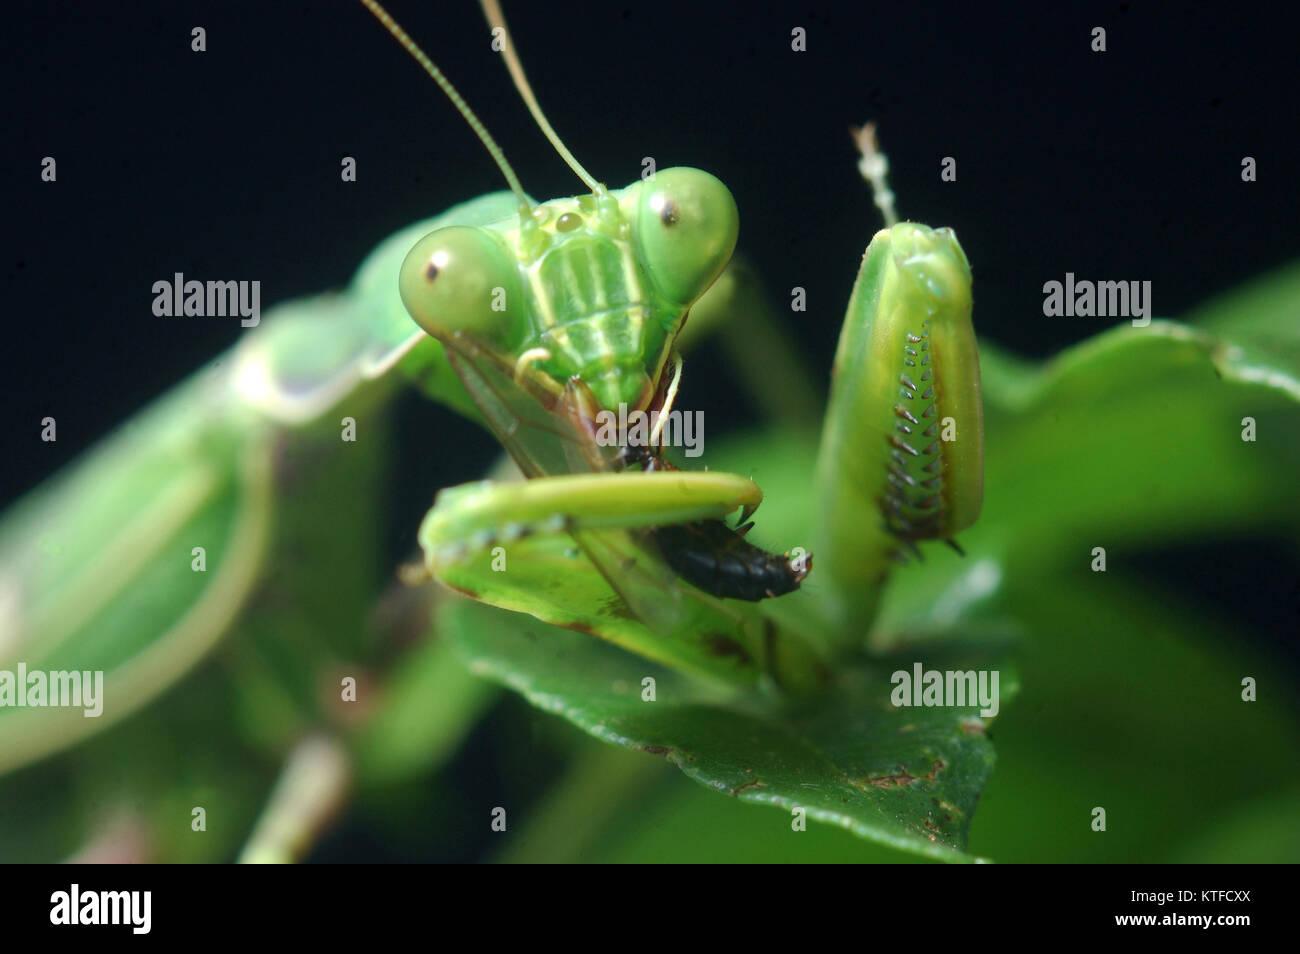 Gottesanbeterin, Essen und anderen Insekten in Tamil Nadu, Südindien entdeckt Stockfoto